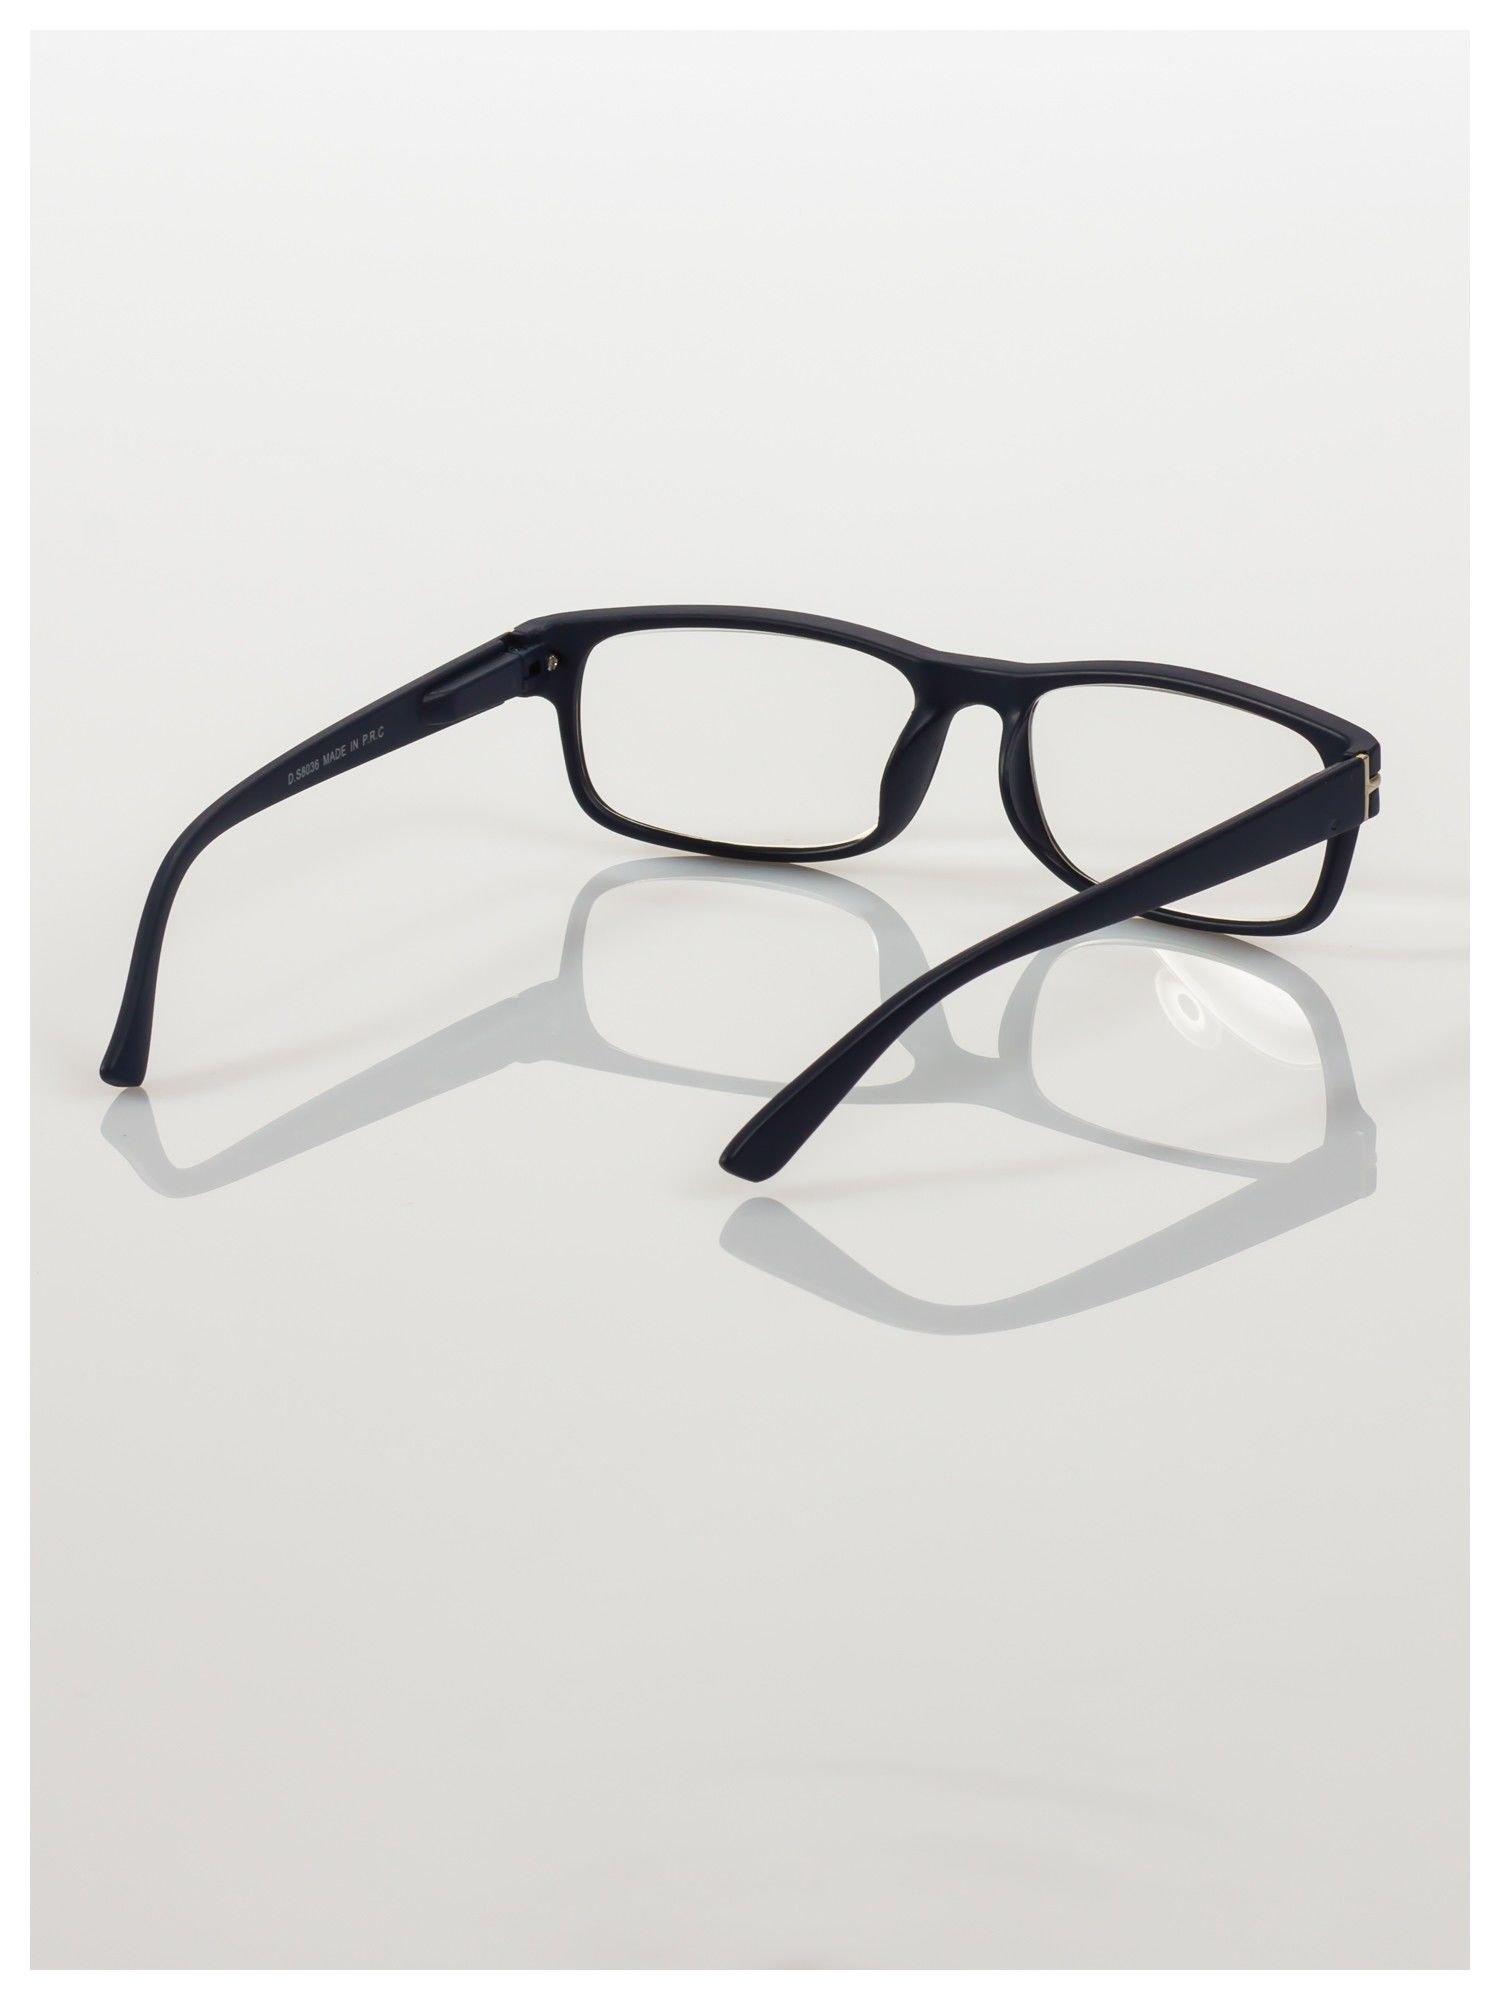 Eleganckie granatowe matowe korekcyjne okulary do czytania +4.0 D  z sytemem FLEX na zausznikach                                  zdj.                                  4